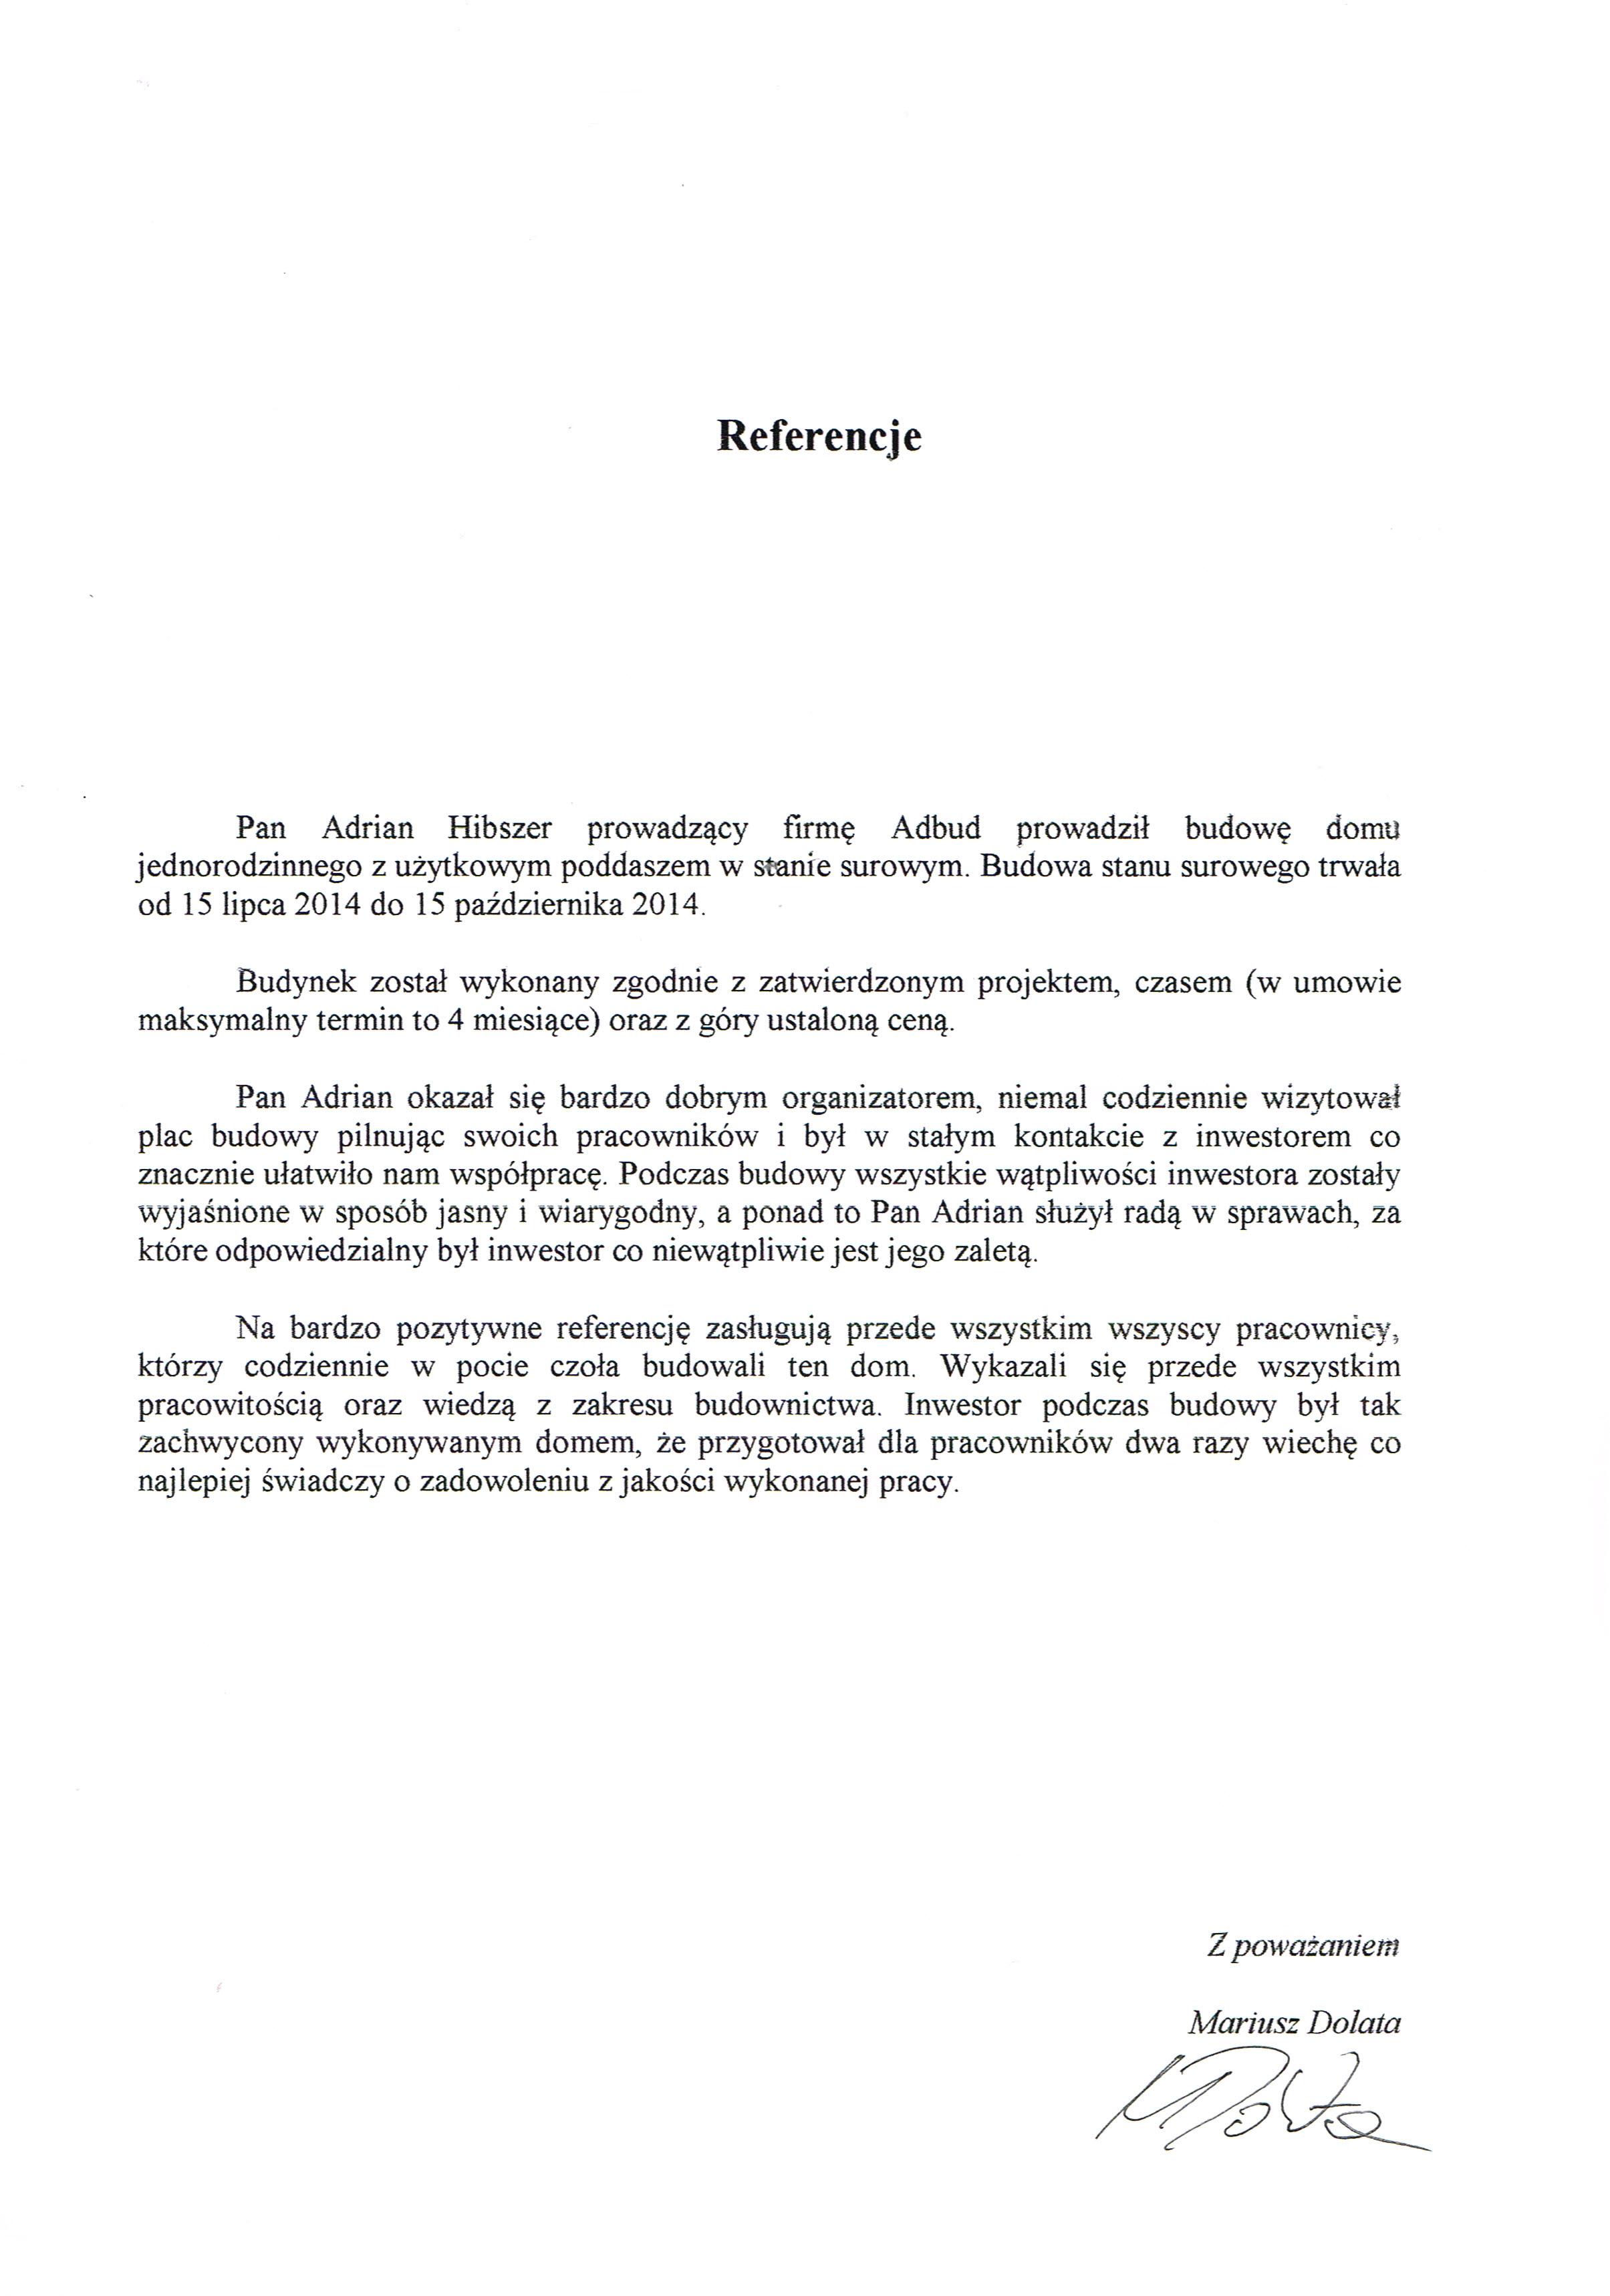 Referencje-Dolata